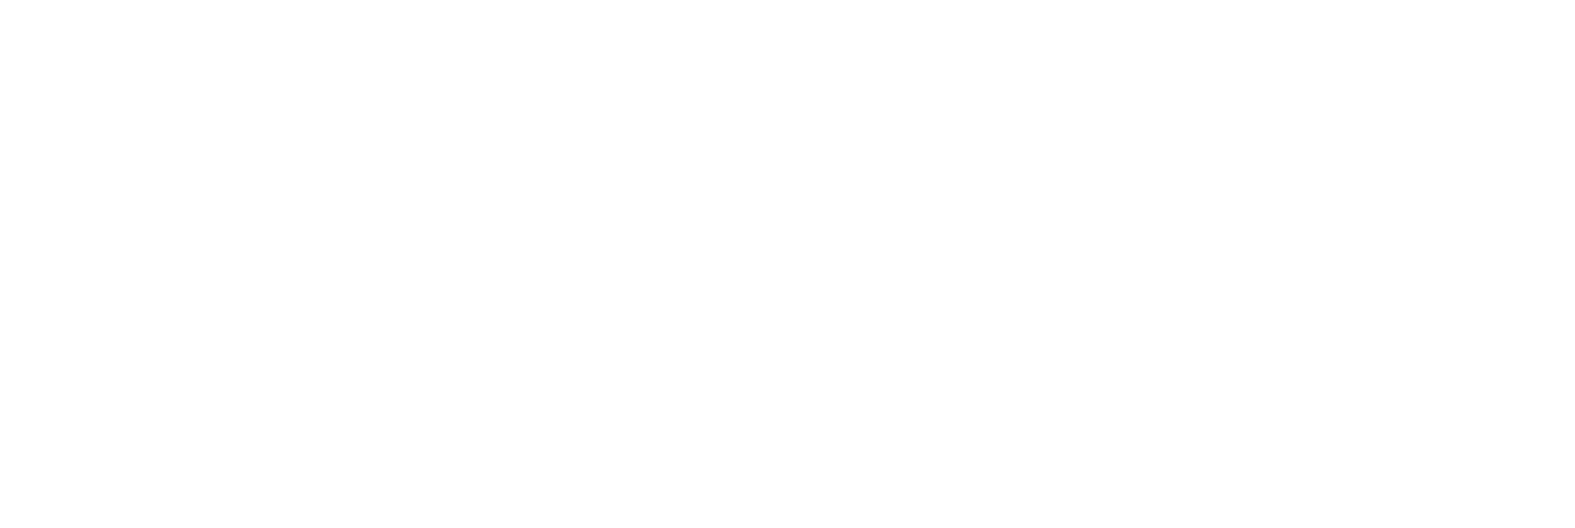 Pugwash Farmers' Market